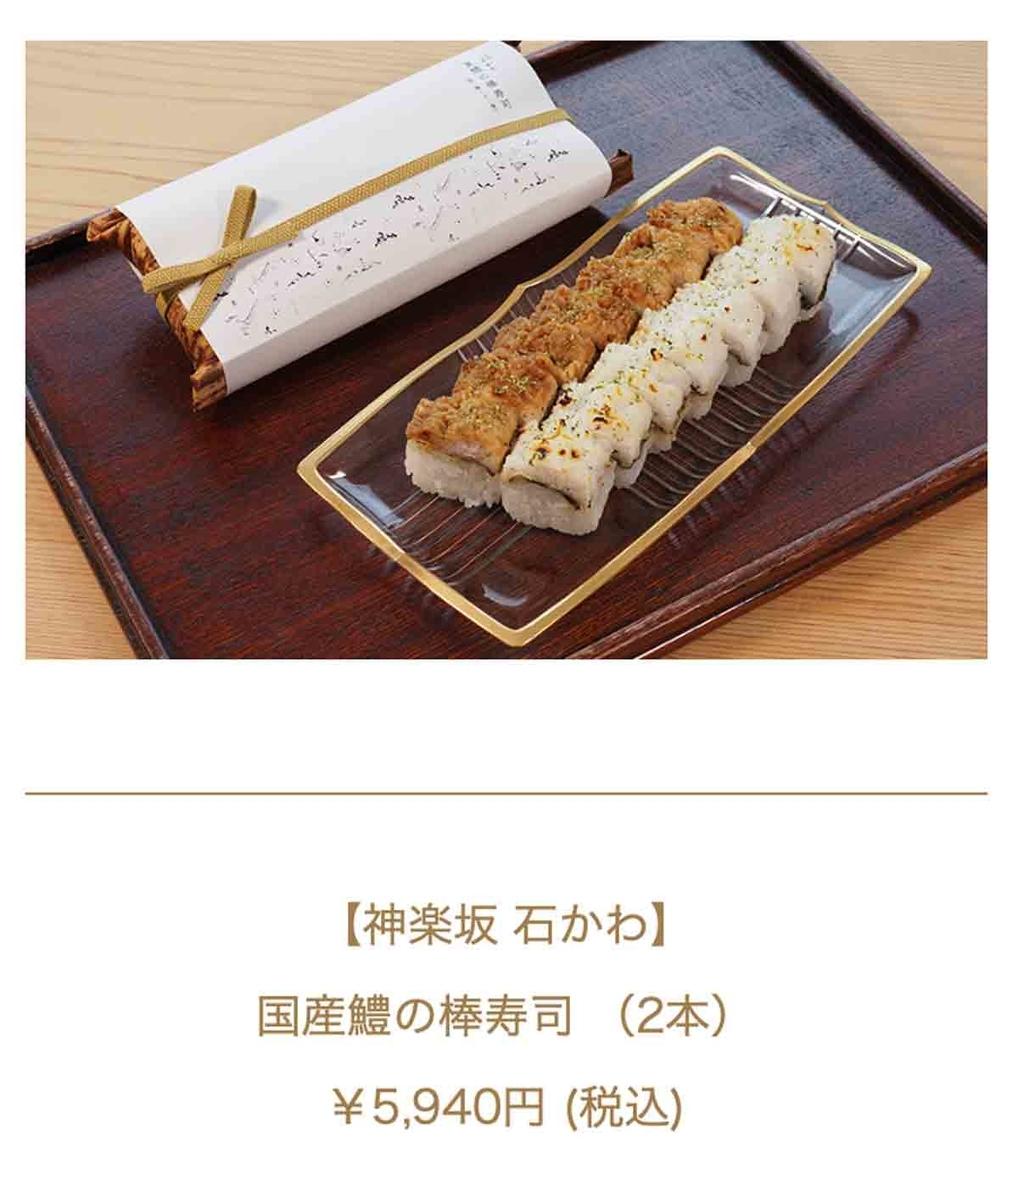 おうち de KIWAMI 神楽坂 石かわ 国産鱧の棒寿司